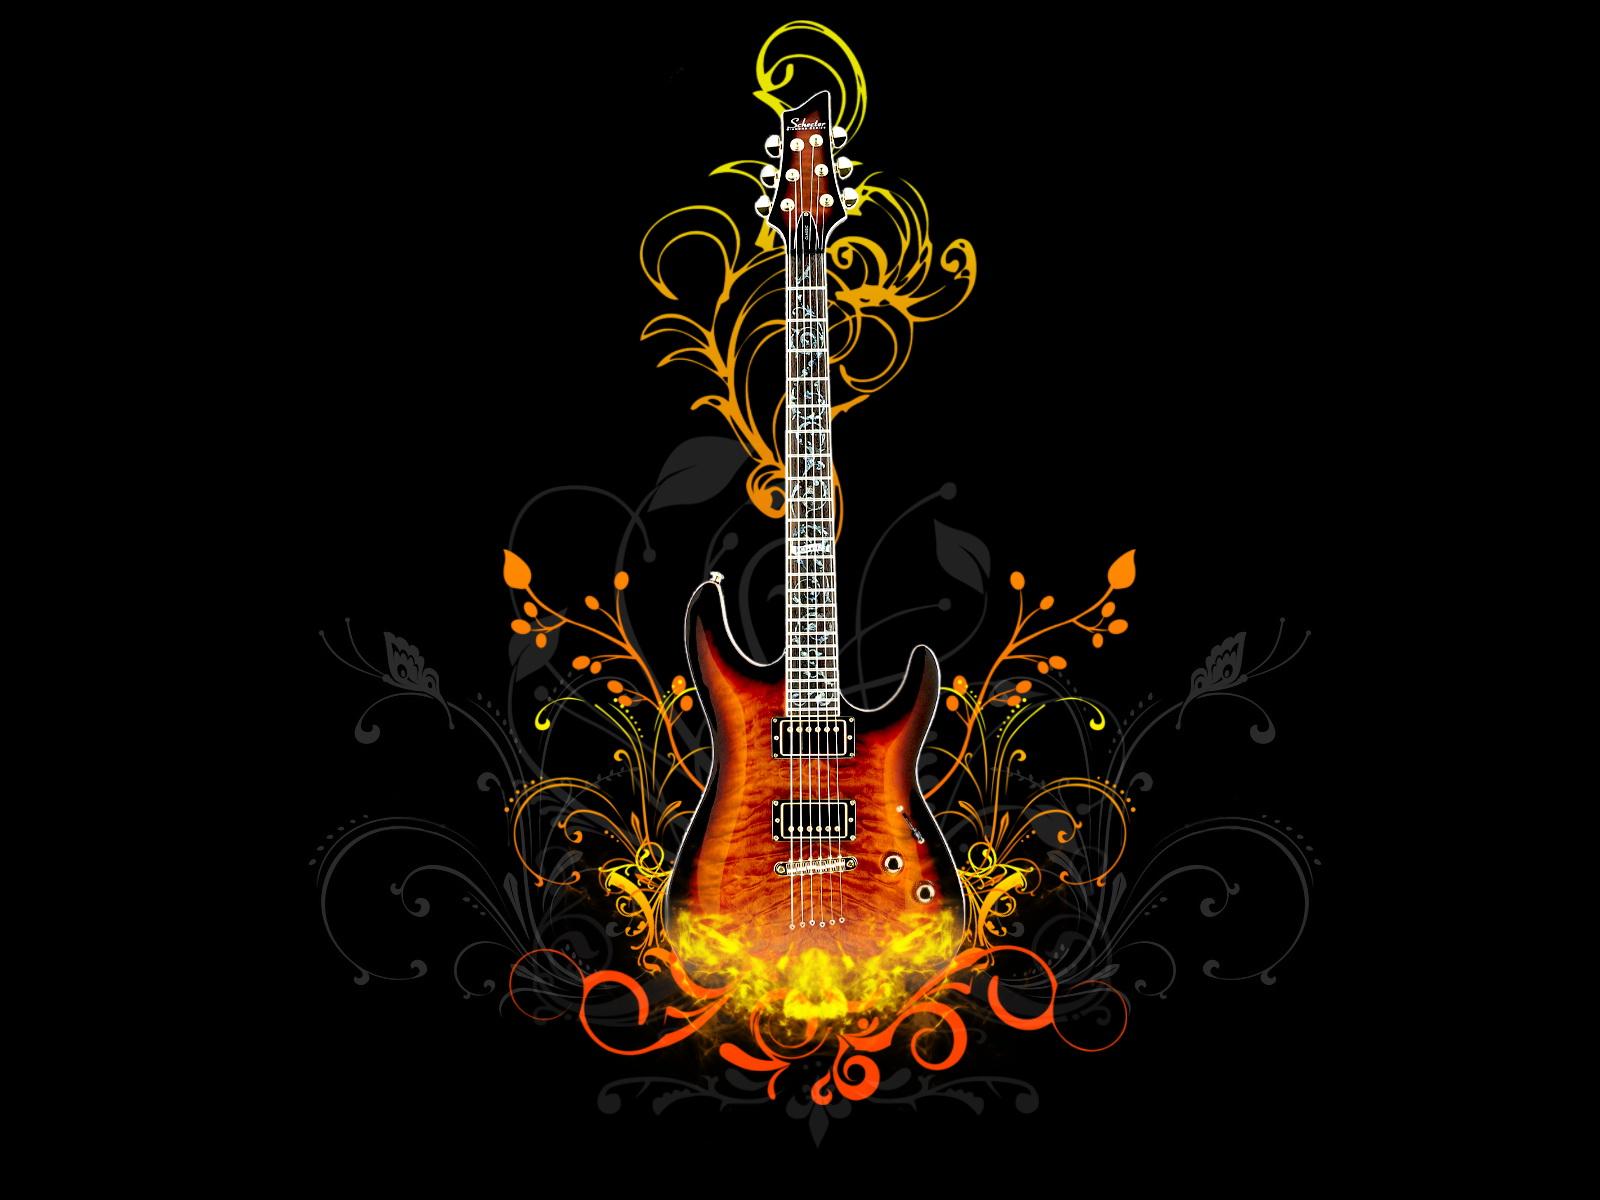 http://1.bp.blogspot.com/-NLE4wMSu38o/UPFAgtnwNQI/AAAAAAAAEhM/4H-9Qvh1j3s/s1600/burning+guitar+hd+wallpaper.jpg